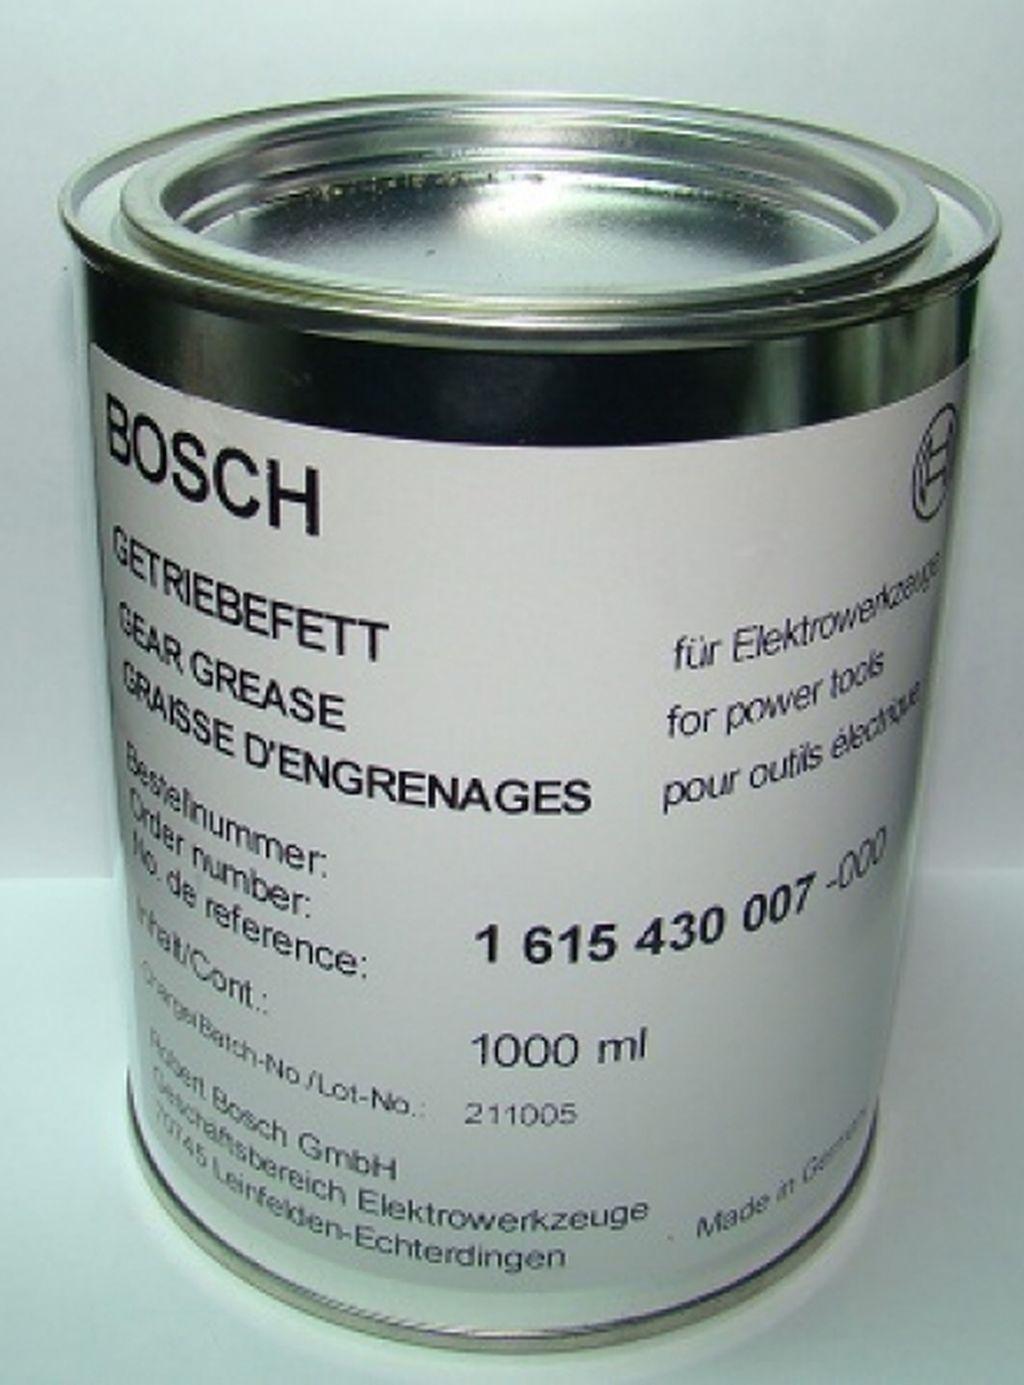 BOSCH mazací tuk pro nástroje, 1000 ml 1615430007